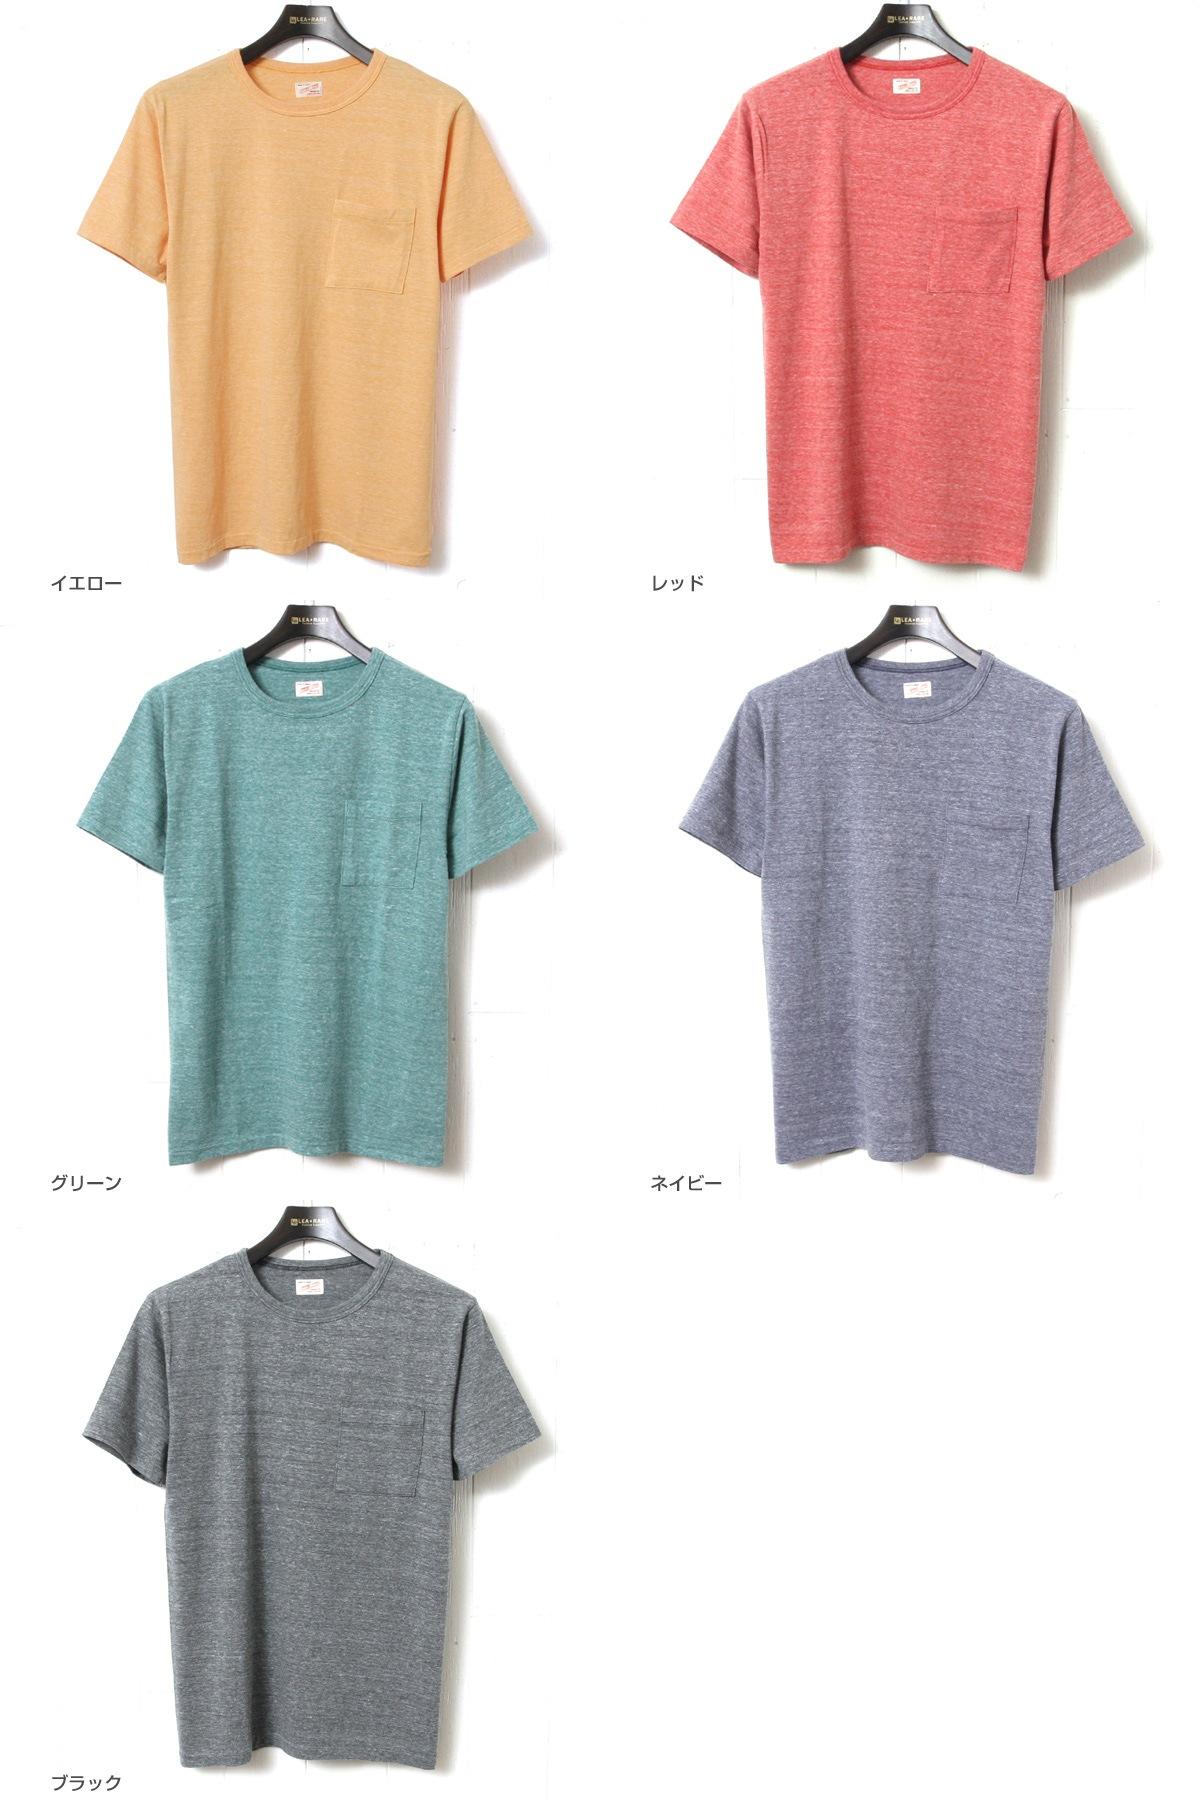 ダブルワークス DUBBLEWORKS 36003 カラーヘザーポケットTシャツ